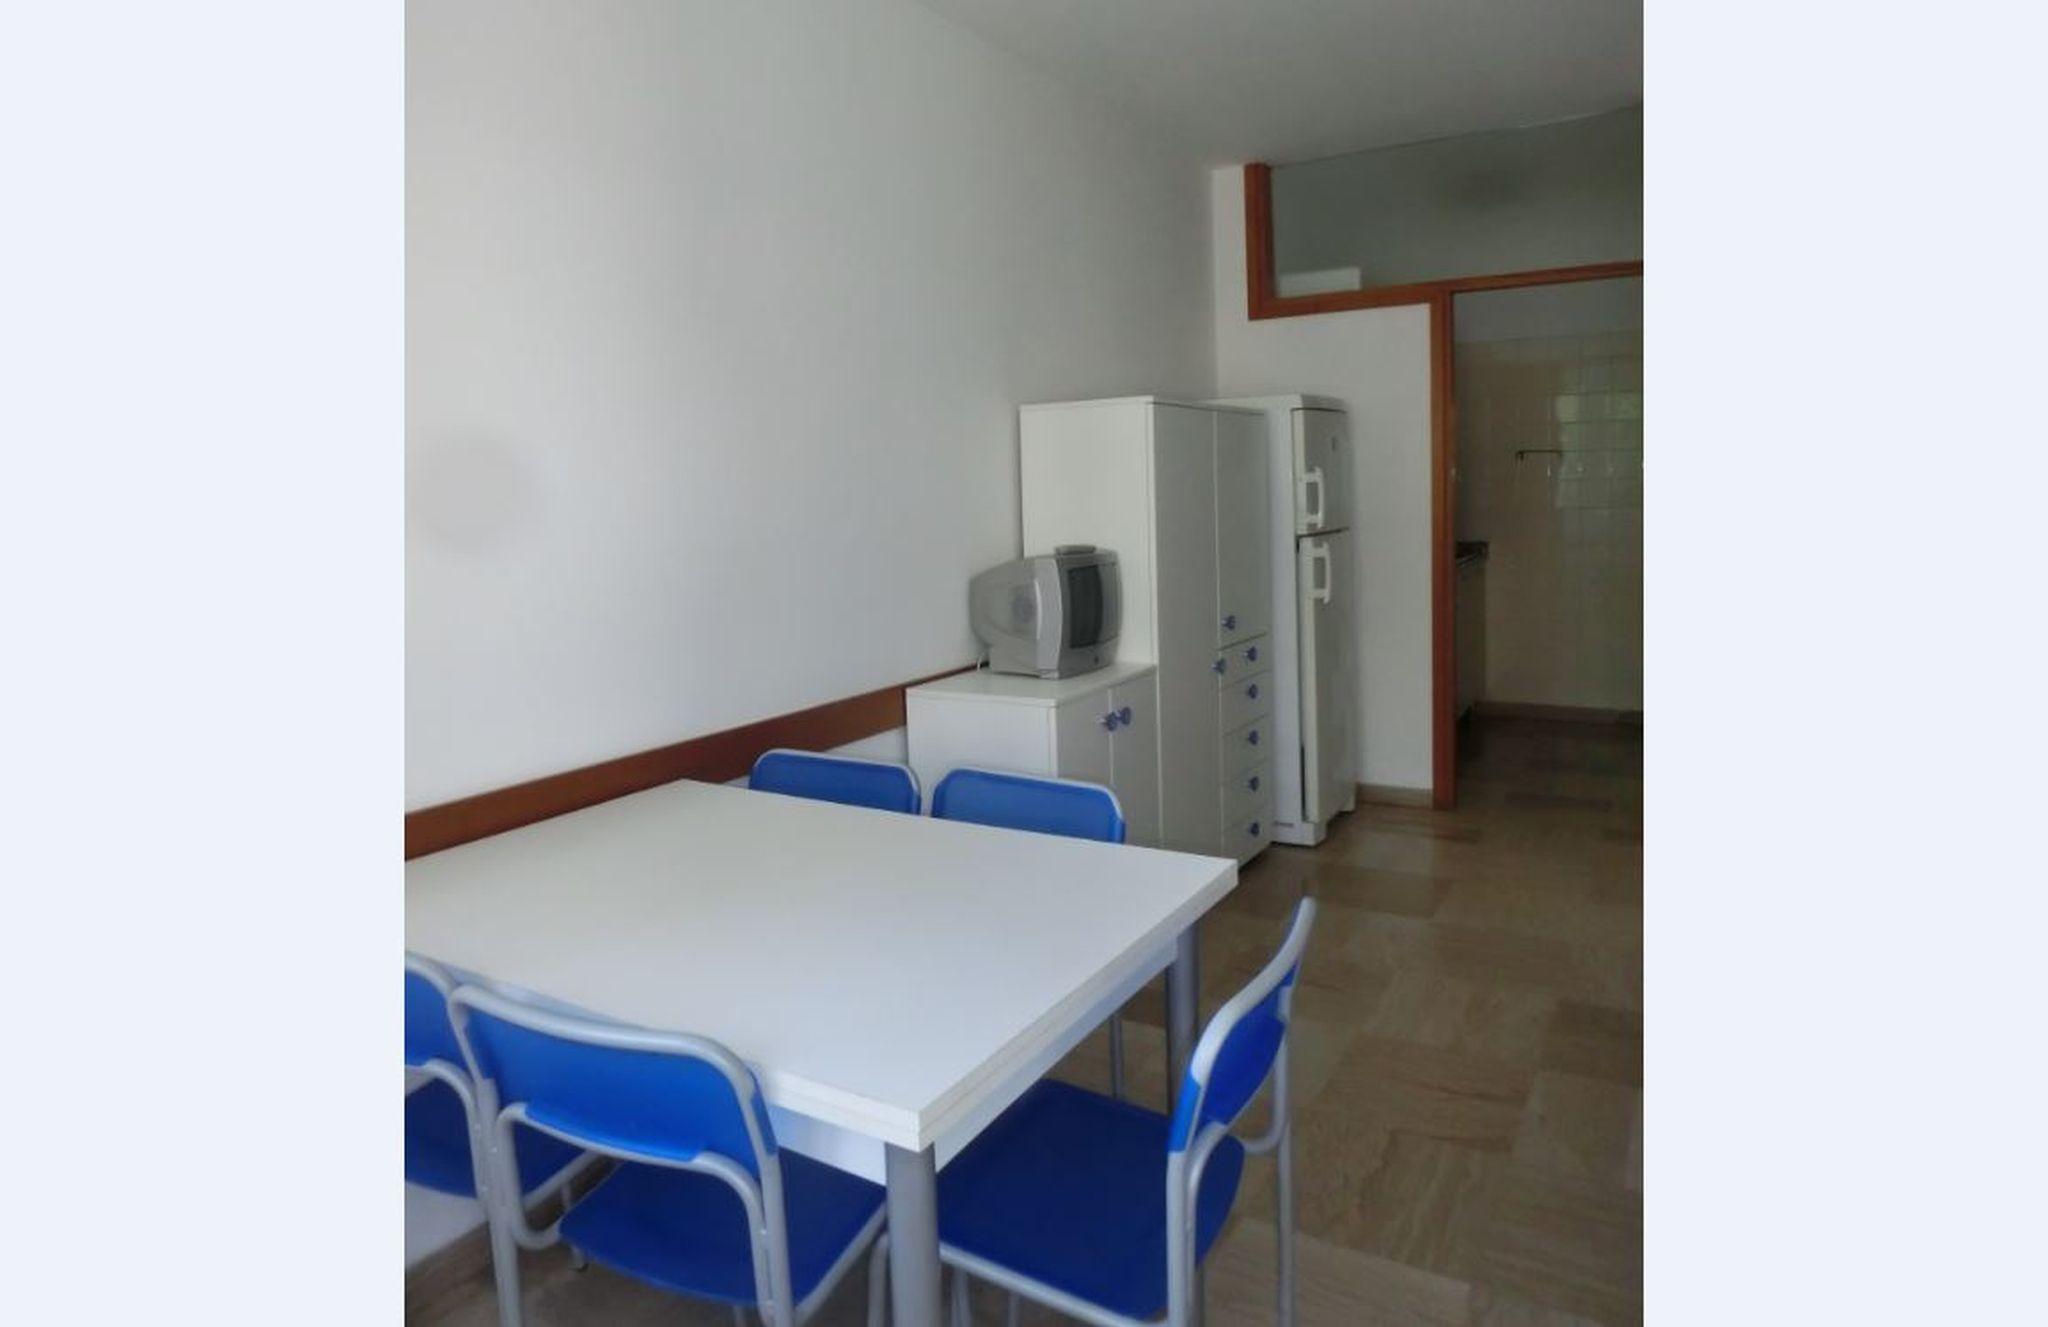 Ferienwohnung Residenz Pineda - Wohnung Tipo B1 AGMC (2989) (2807105), Bibione, Adriaküste (Venetien), Venetien, Italien, Bild 4